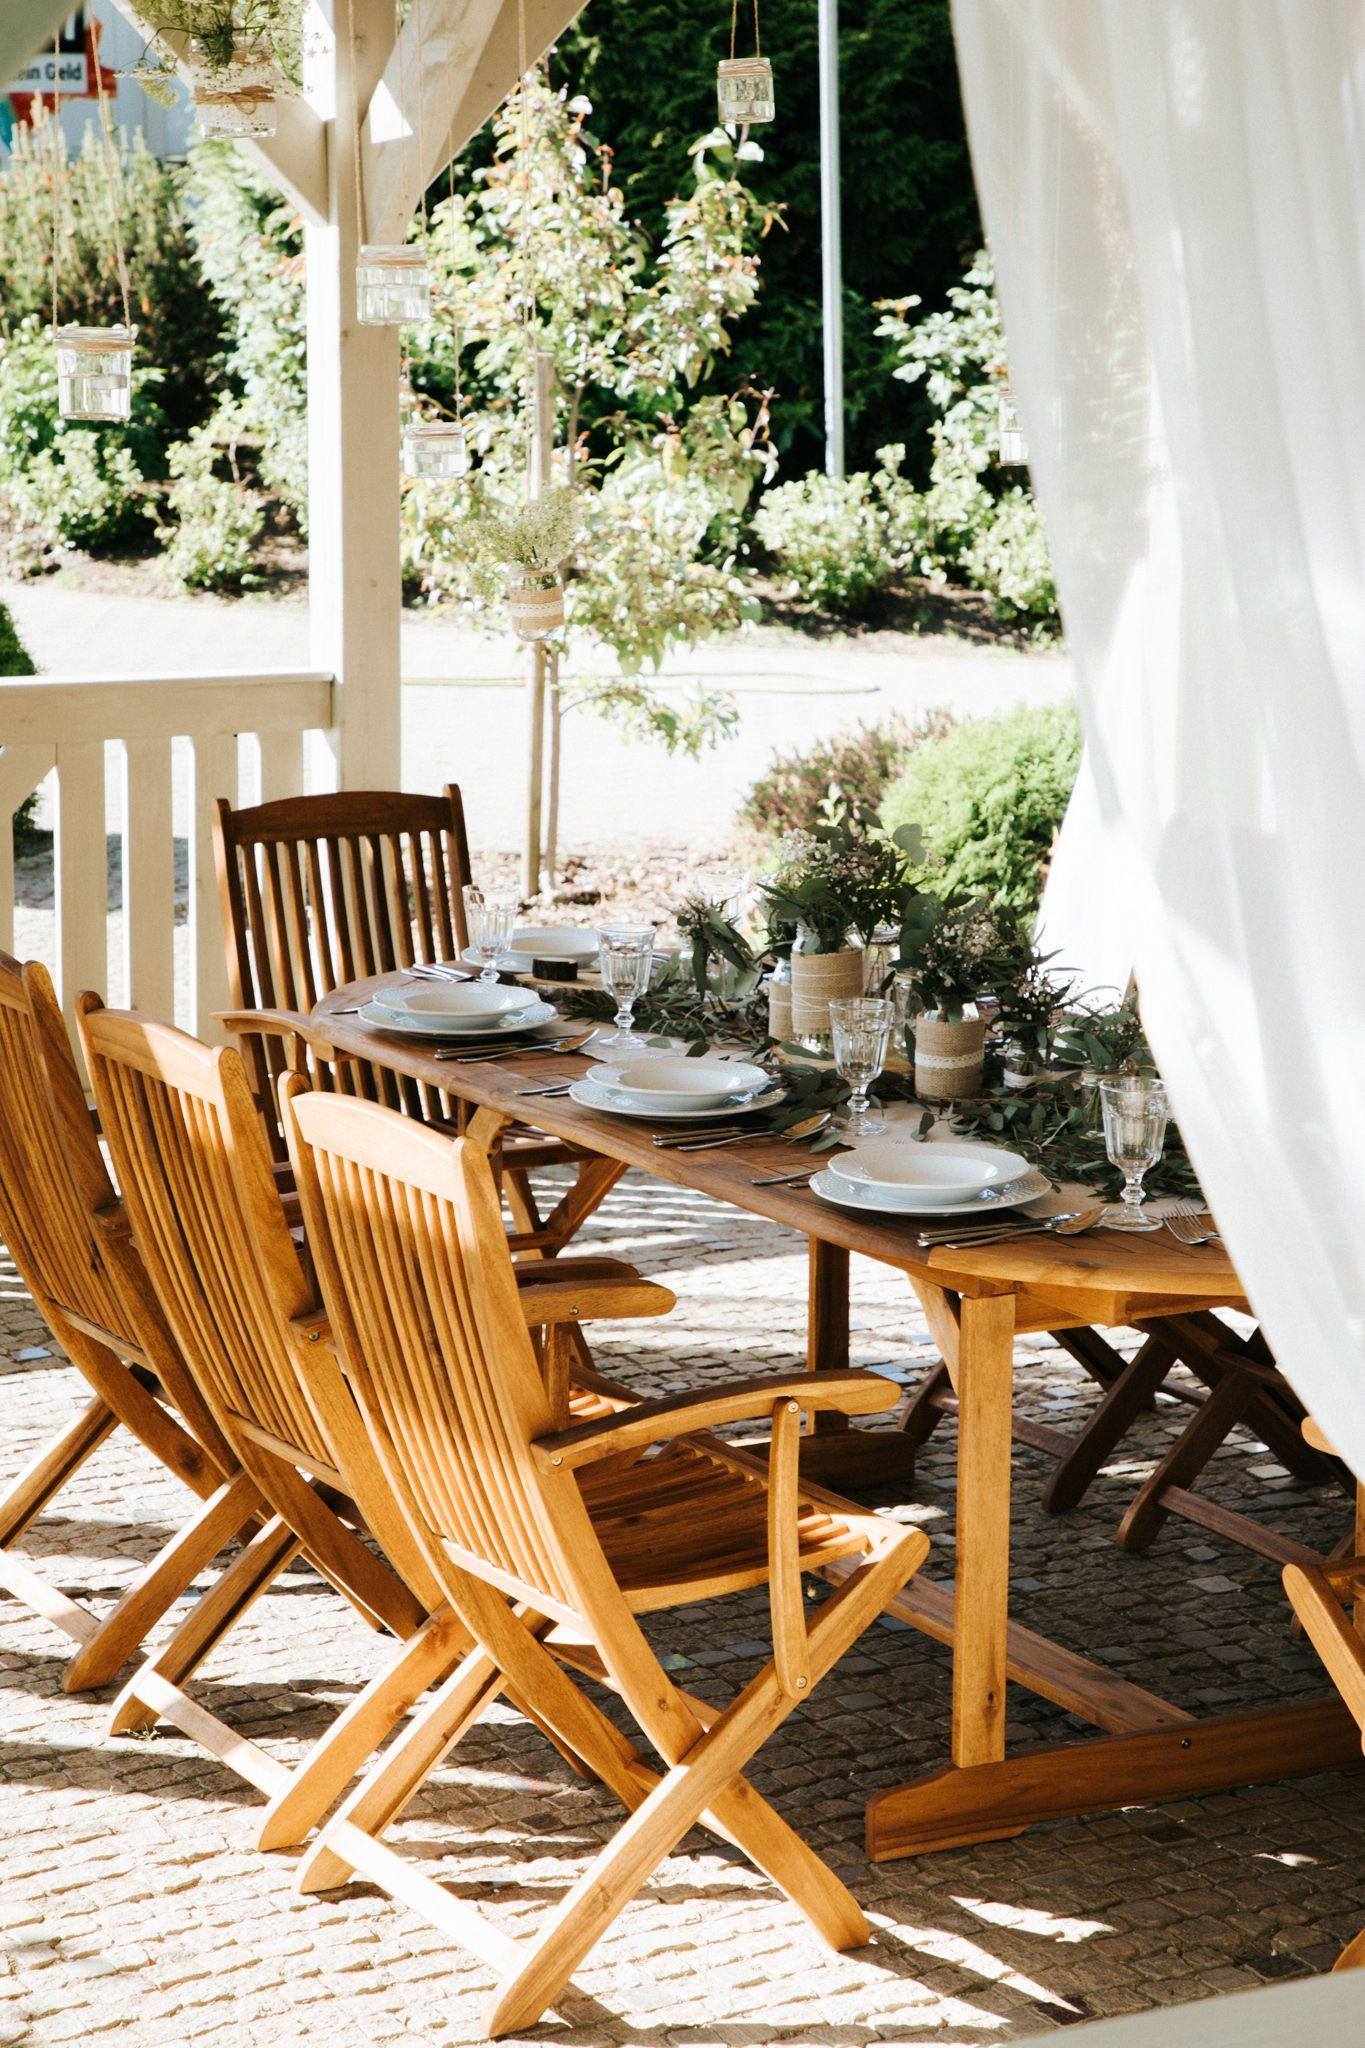 Gartenmobel Set Holz 8 Sitzer Maui In 2019 Garten Terrasse Und